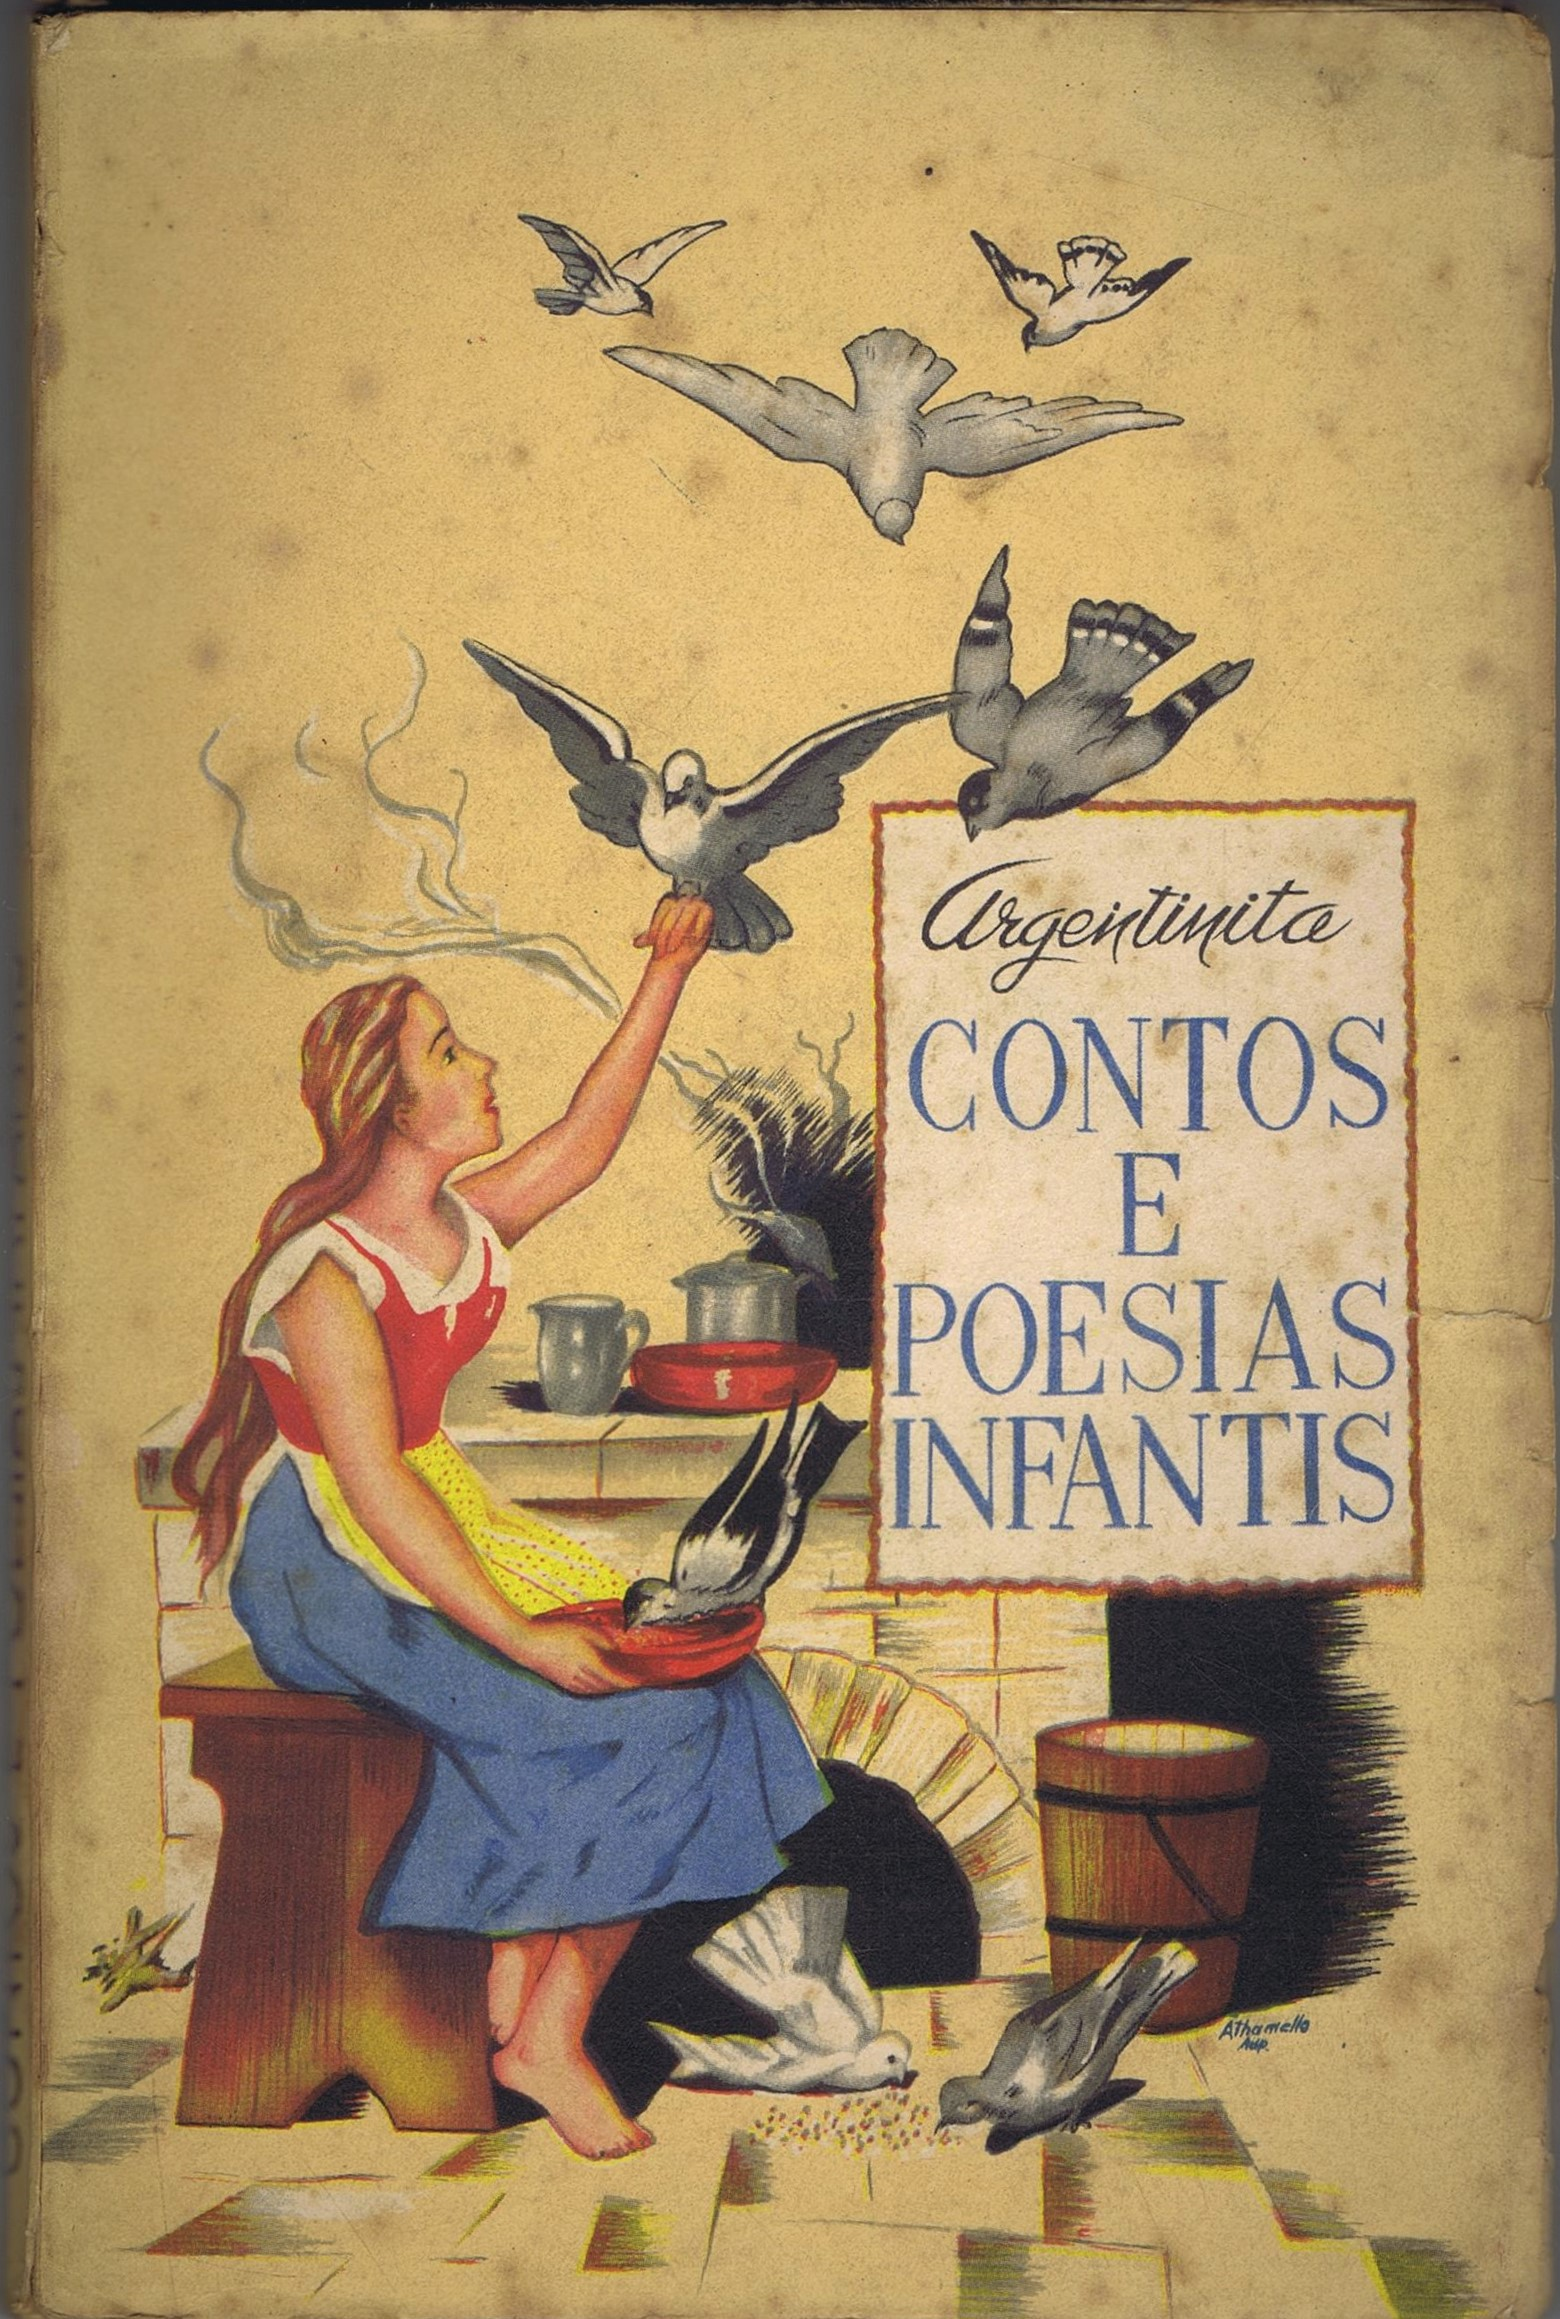 contos e poesias infantis